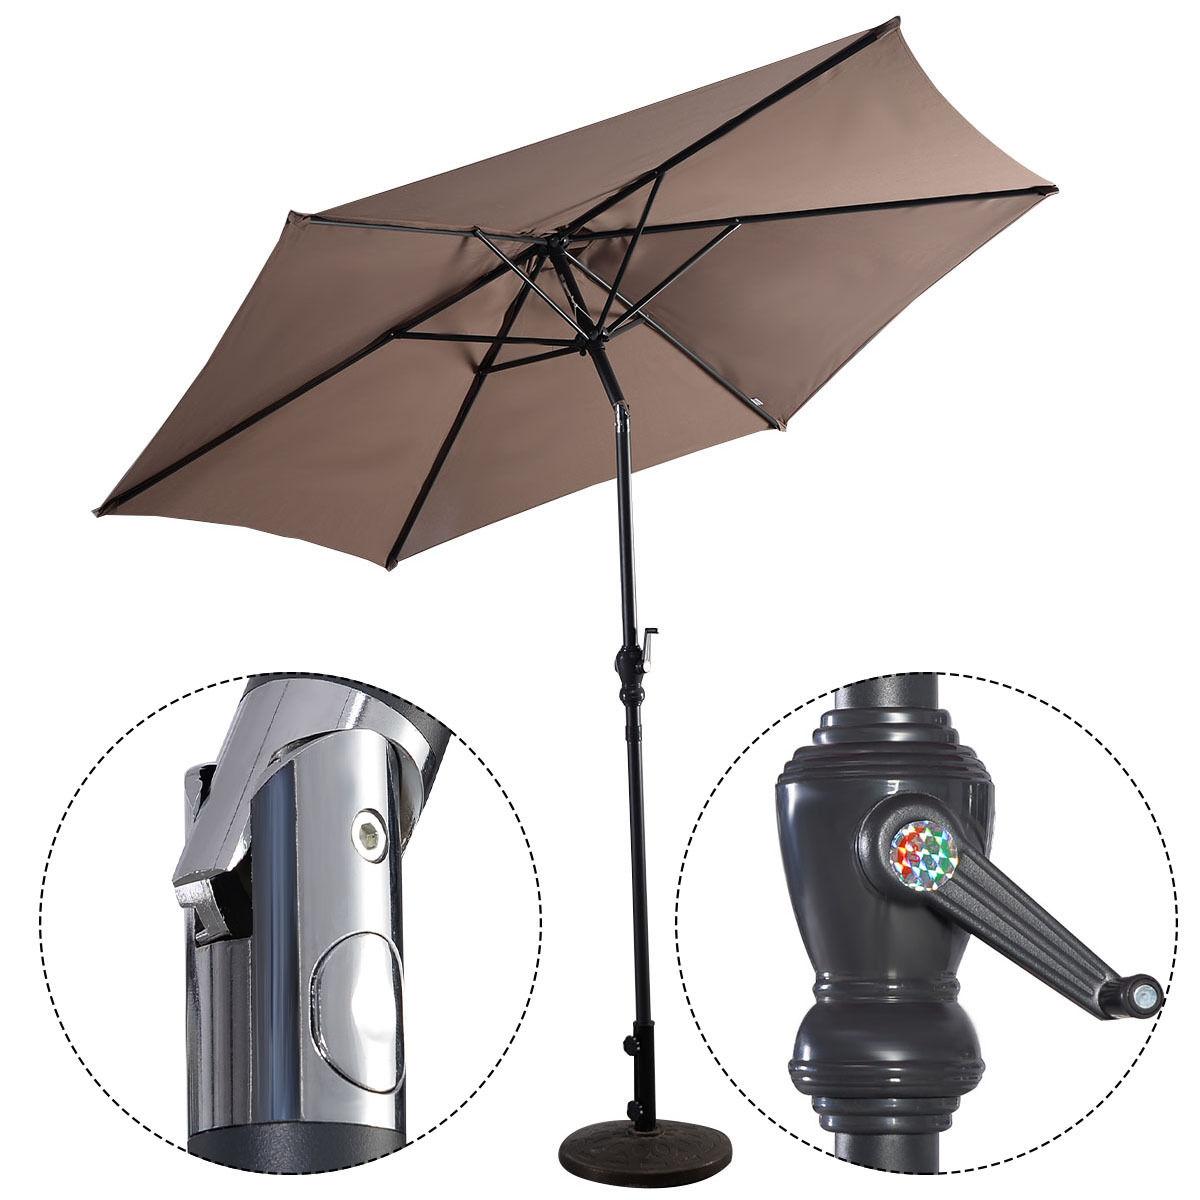 Costway 9ft Patio Umbrella Patio Market Steel Tilt W/ Crank Outdoor Yard  Garden (Tan